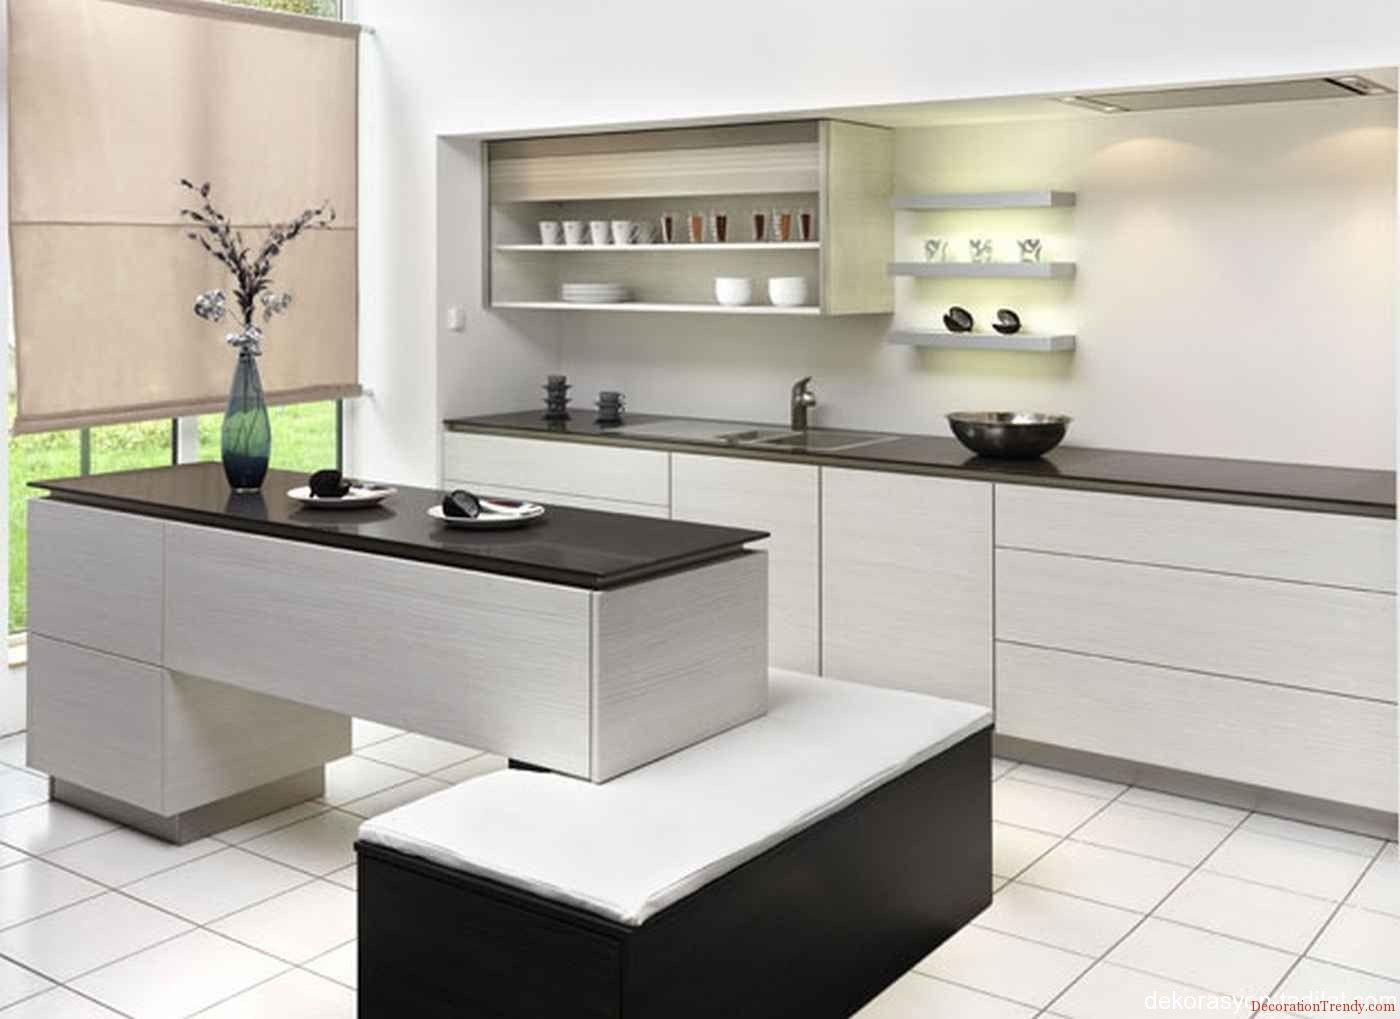 new kitchen design ideas new kitchens ideas Küchen